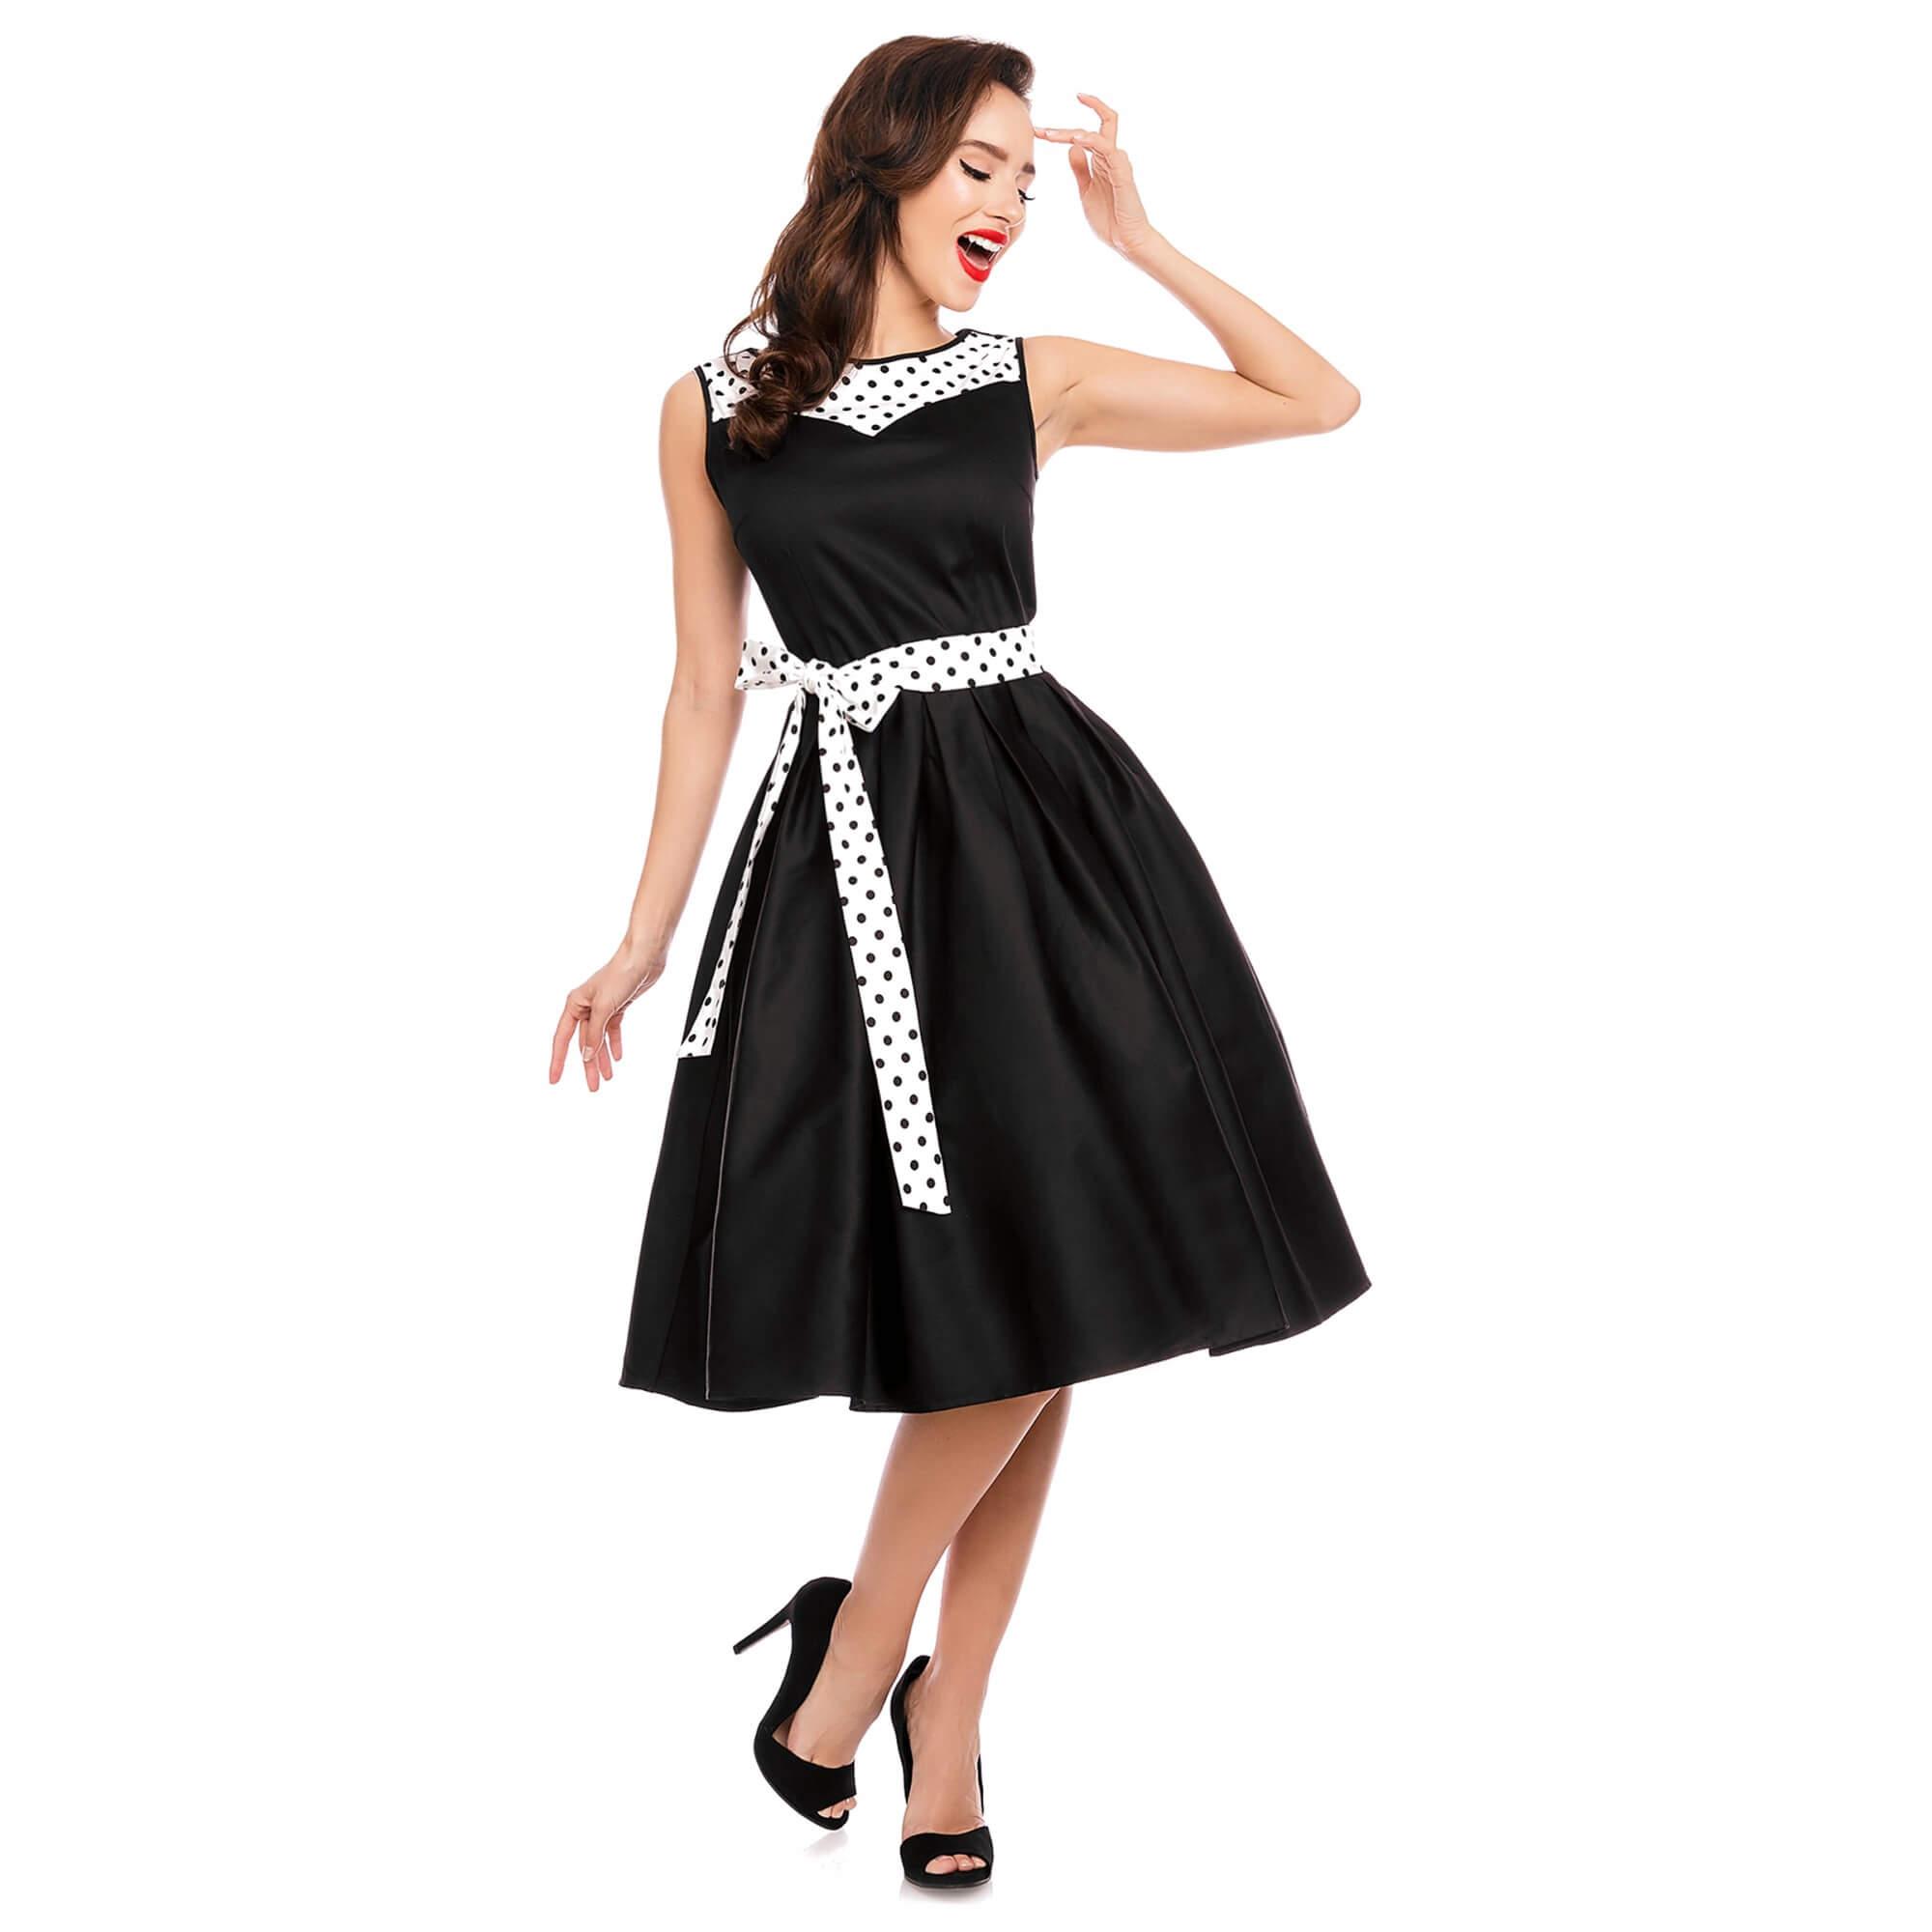 čierne retro šaty s bielym opaskom